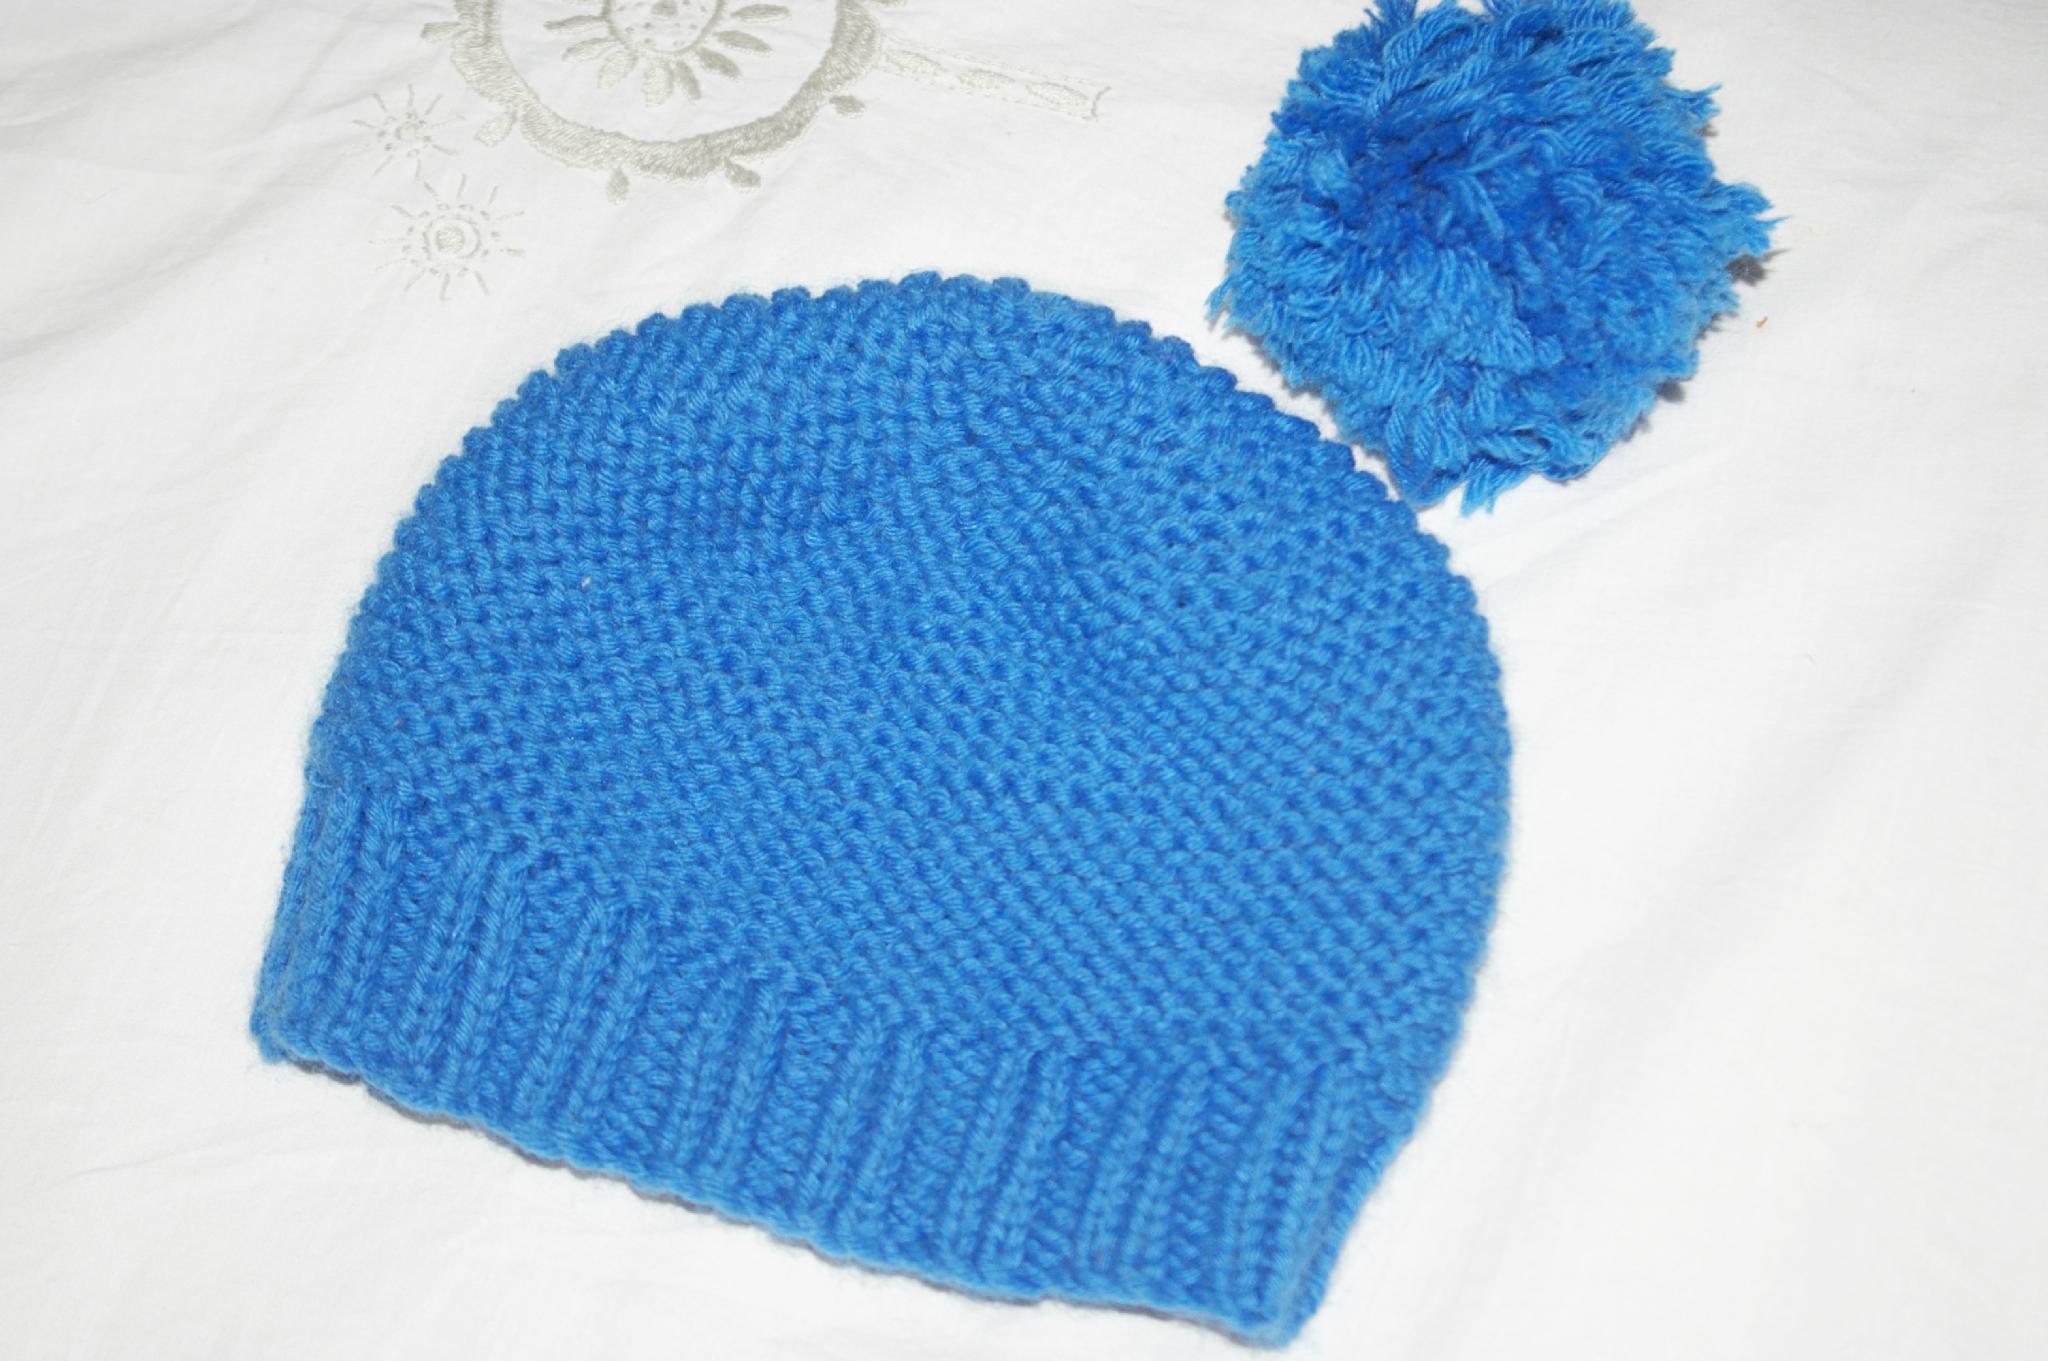 Tricoter bonnet bébé facile point mousse phildar